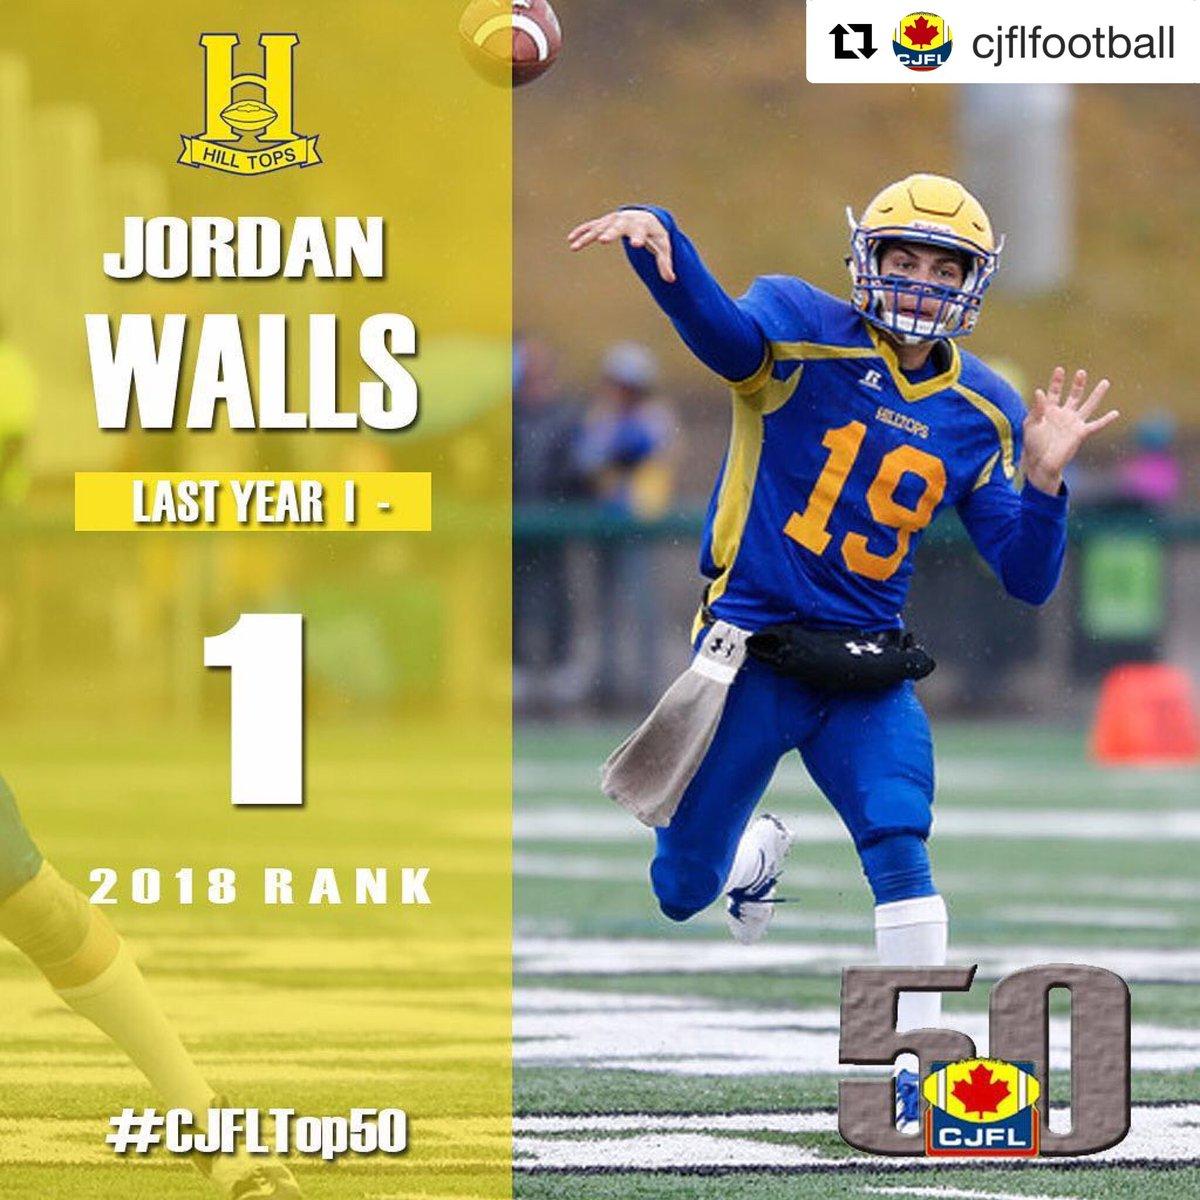 Hilltops Q-B Walls Ranked Top Player in C-J-F-L